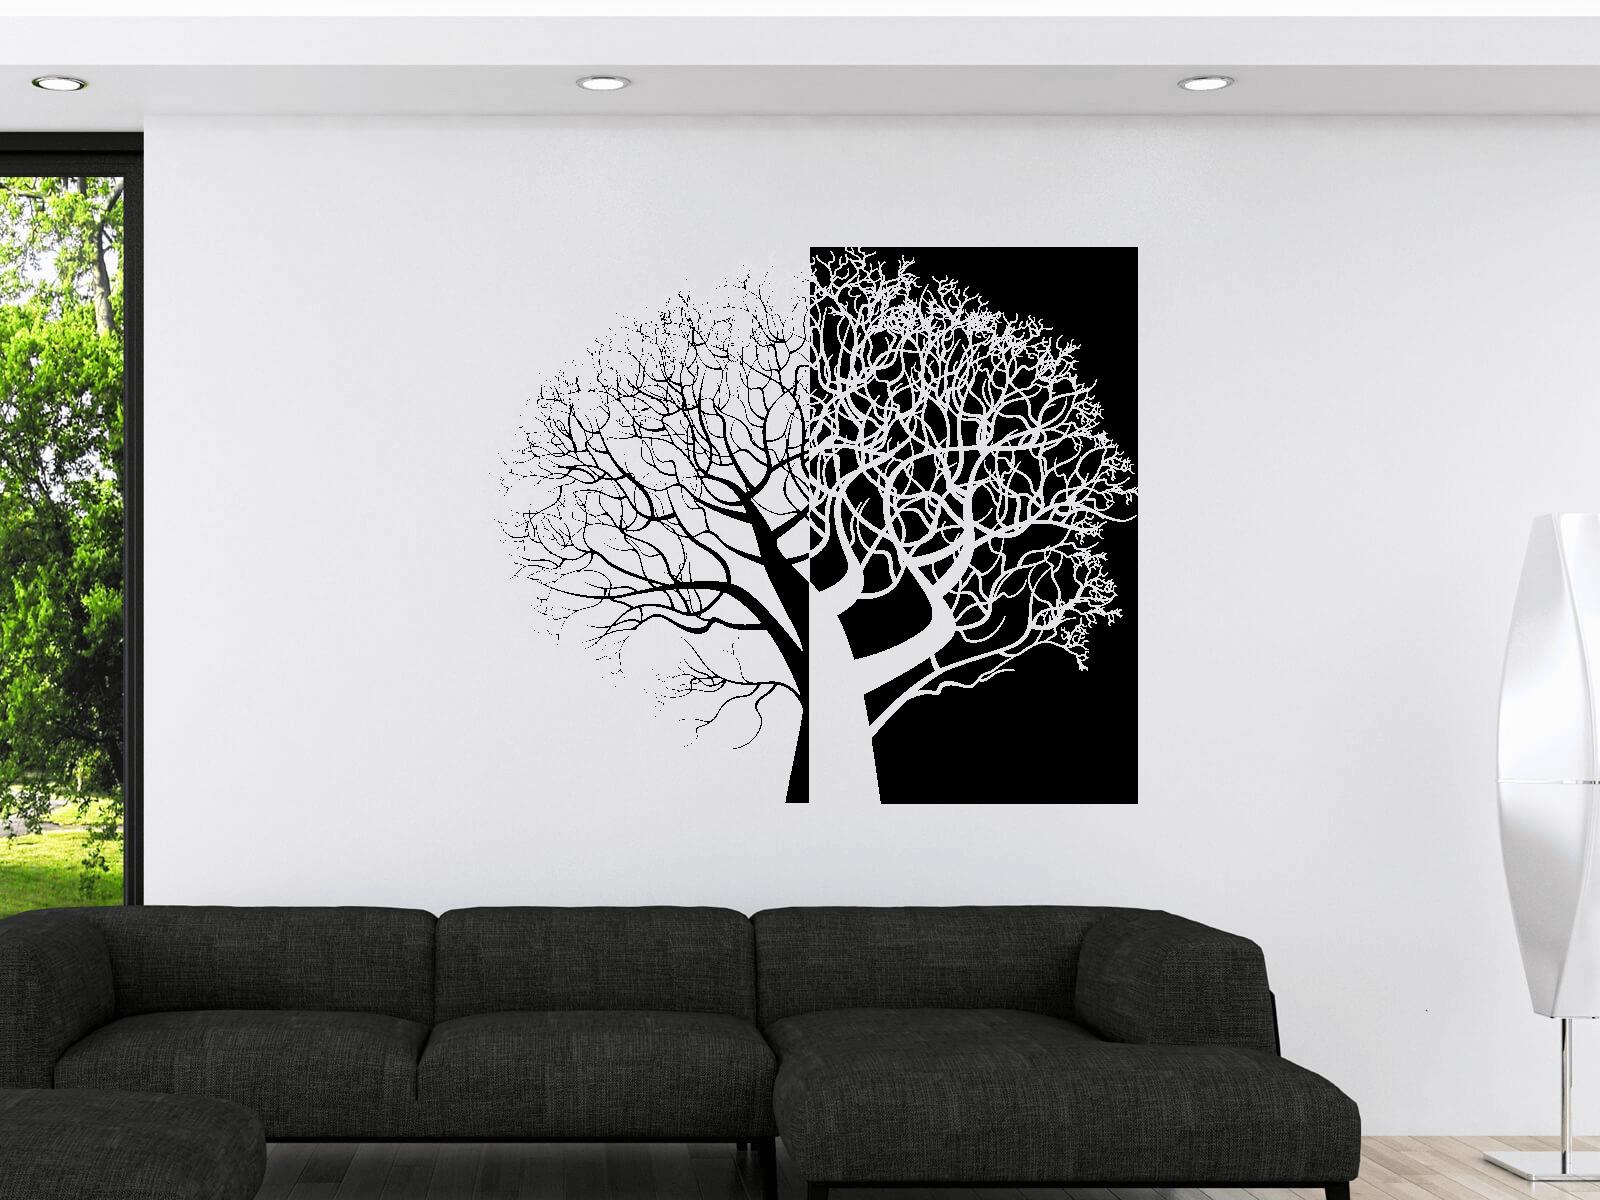 Wandtattoo Baum Xxl 236cm X 200cm Zweiteilig Tocut Werbetechnik